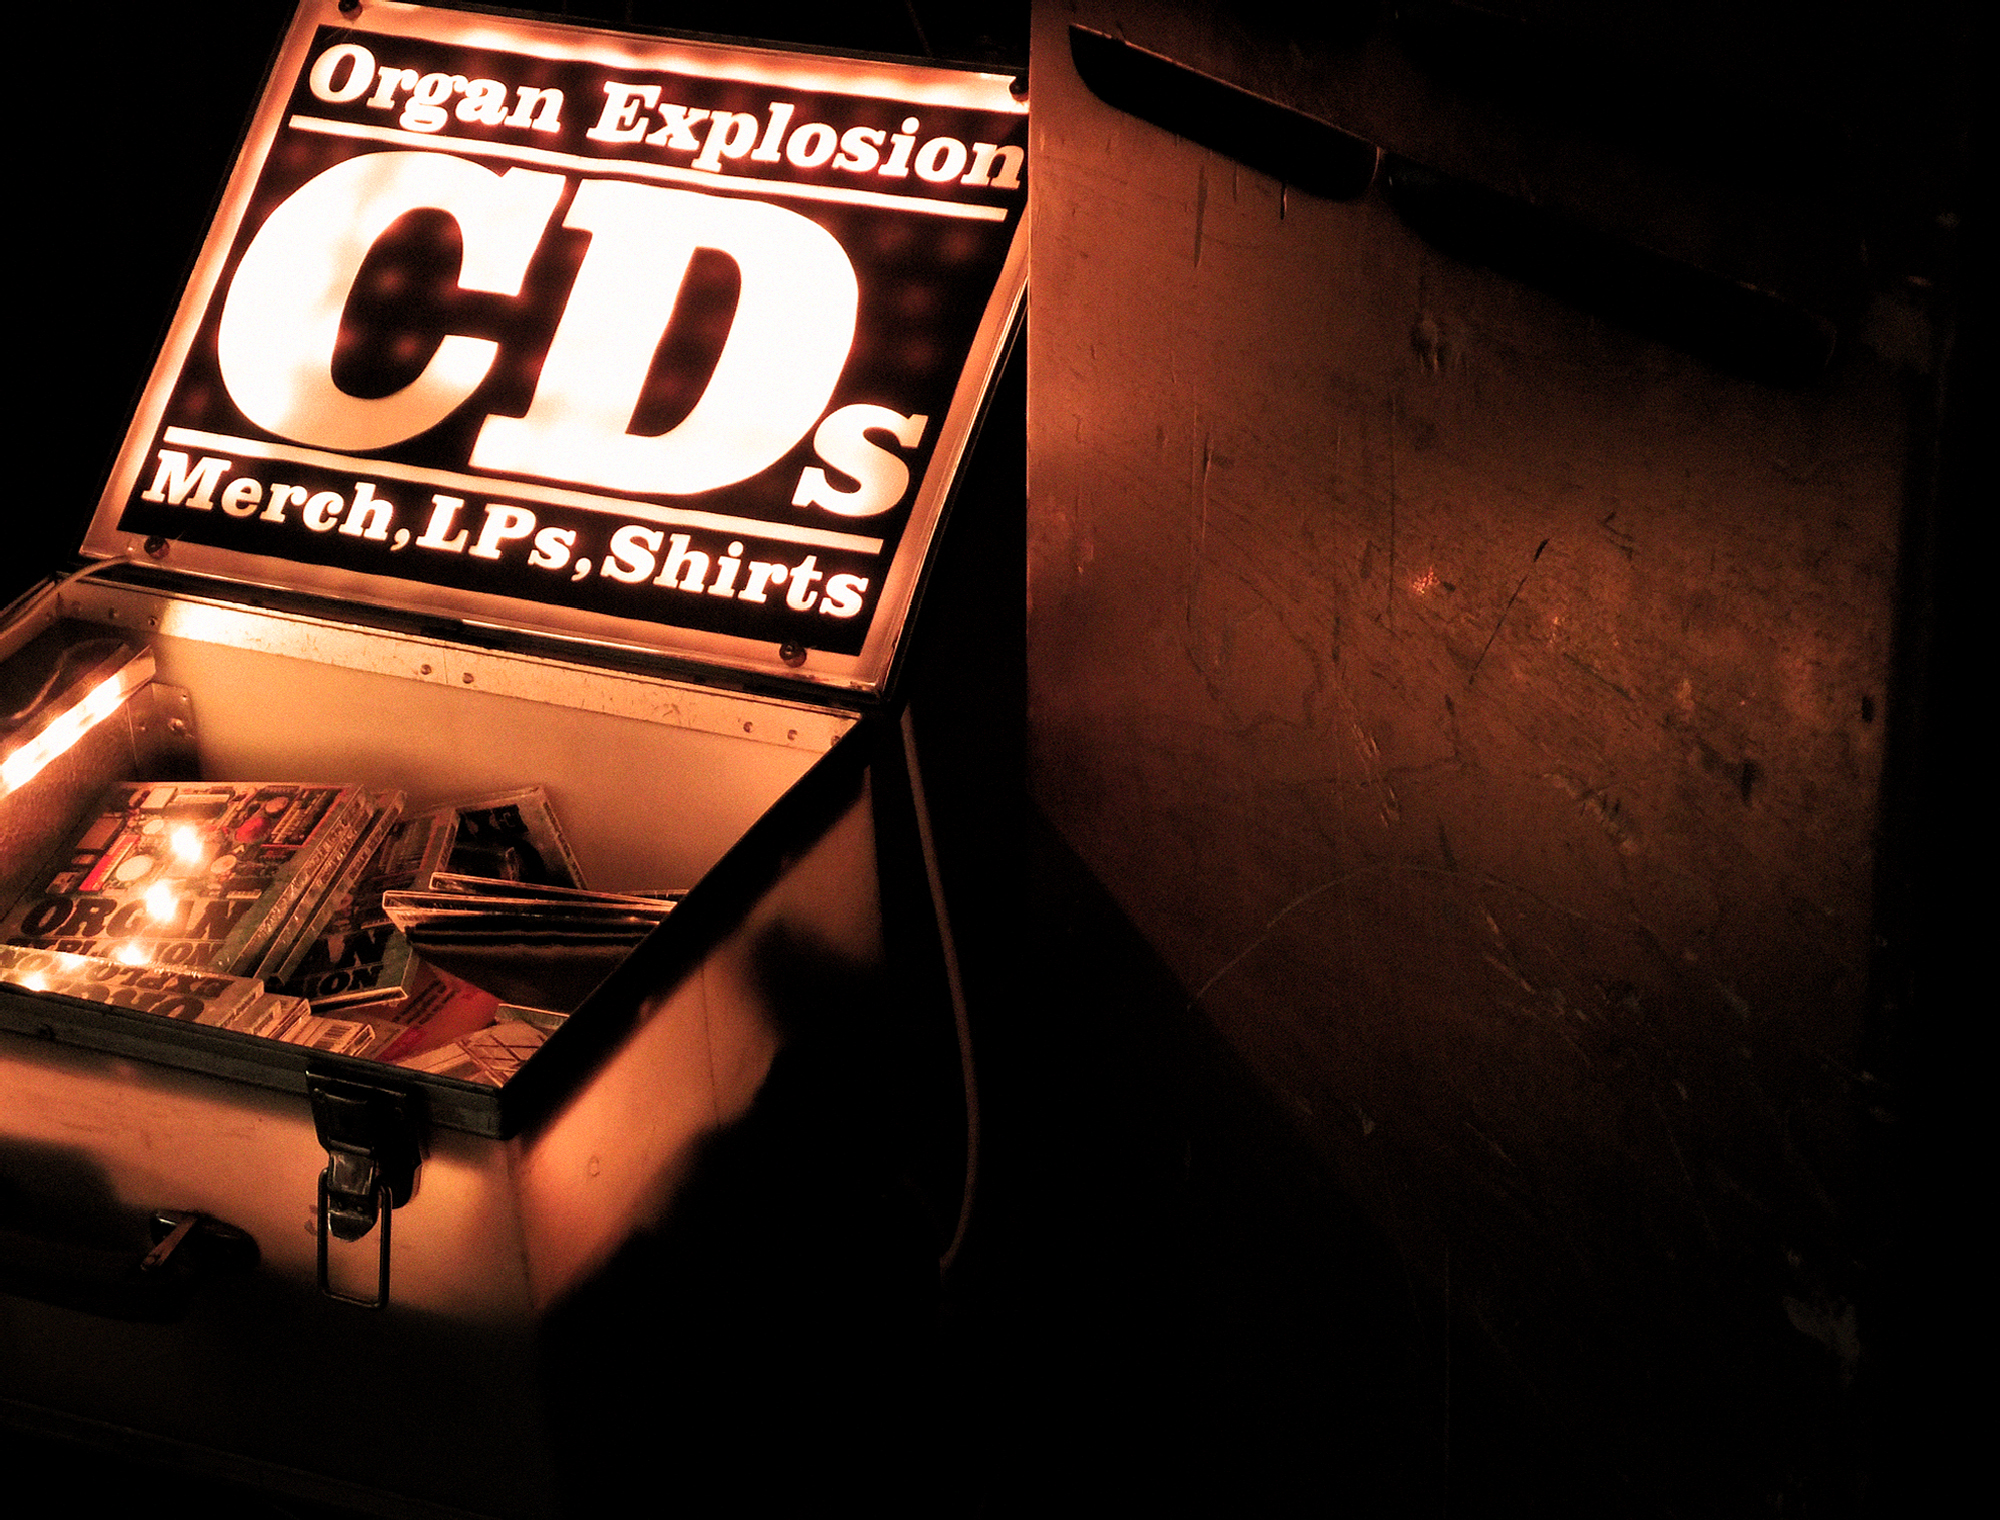 organ explosion shop